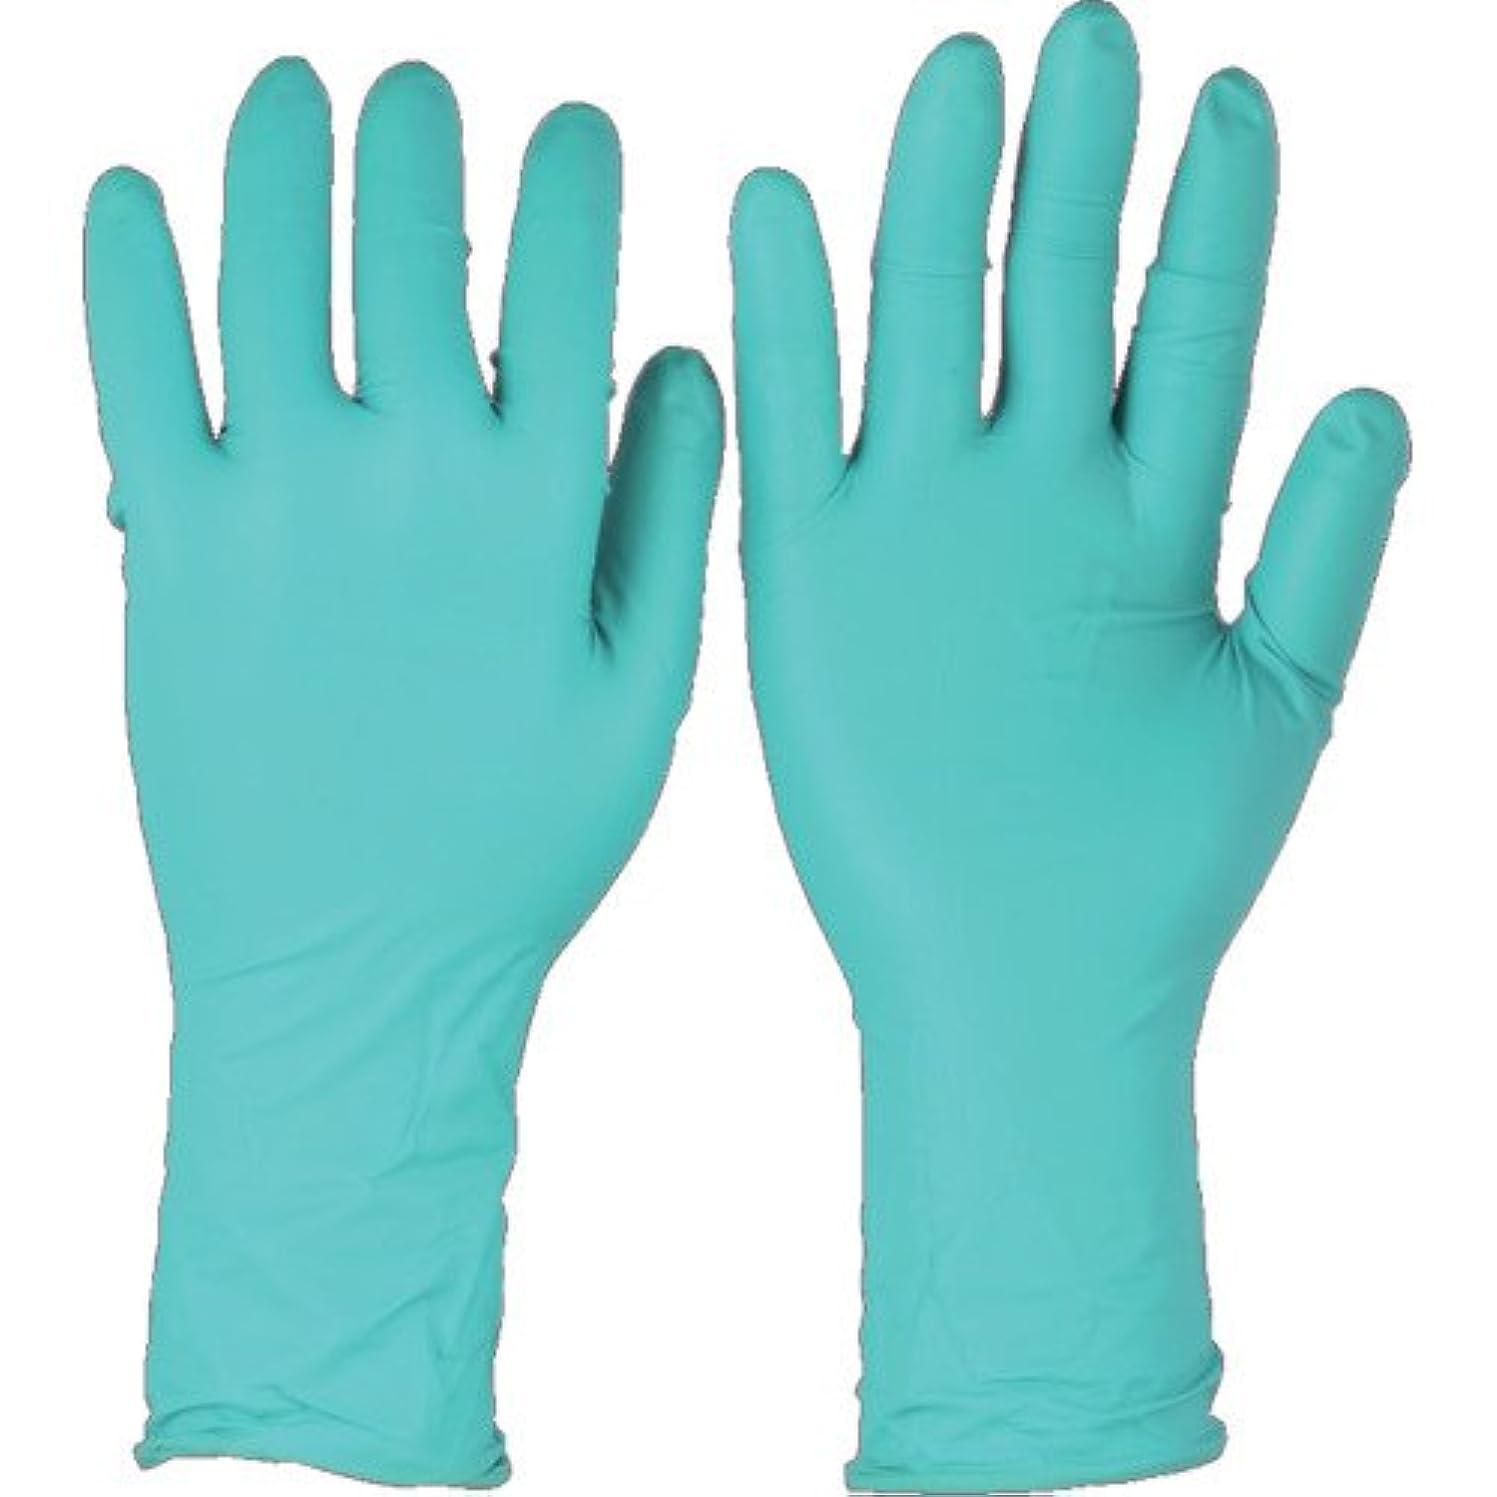 平らな取り壊す寄生虫トラスコ中山 アンセル ネオプレンゴム使い捨て手袋 マイクロフレックス 93-260 Lサイズ (50枚入)  932609